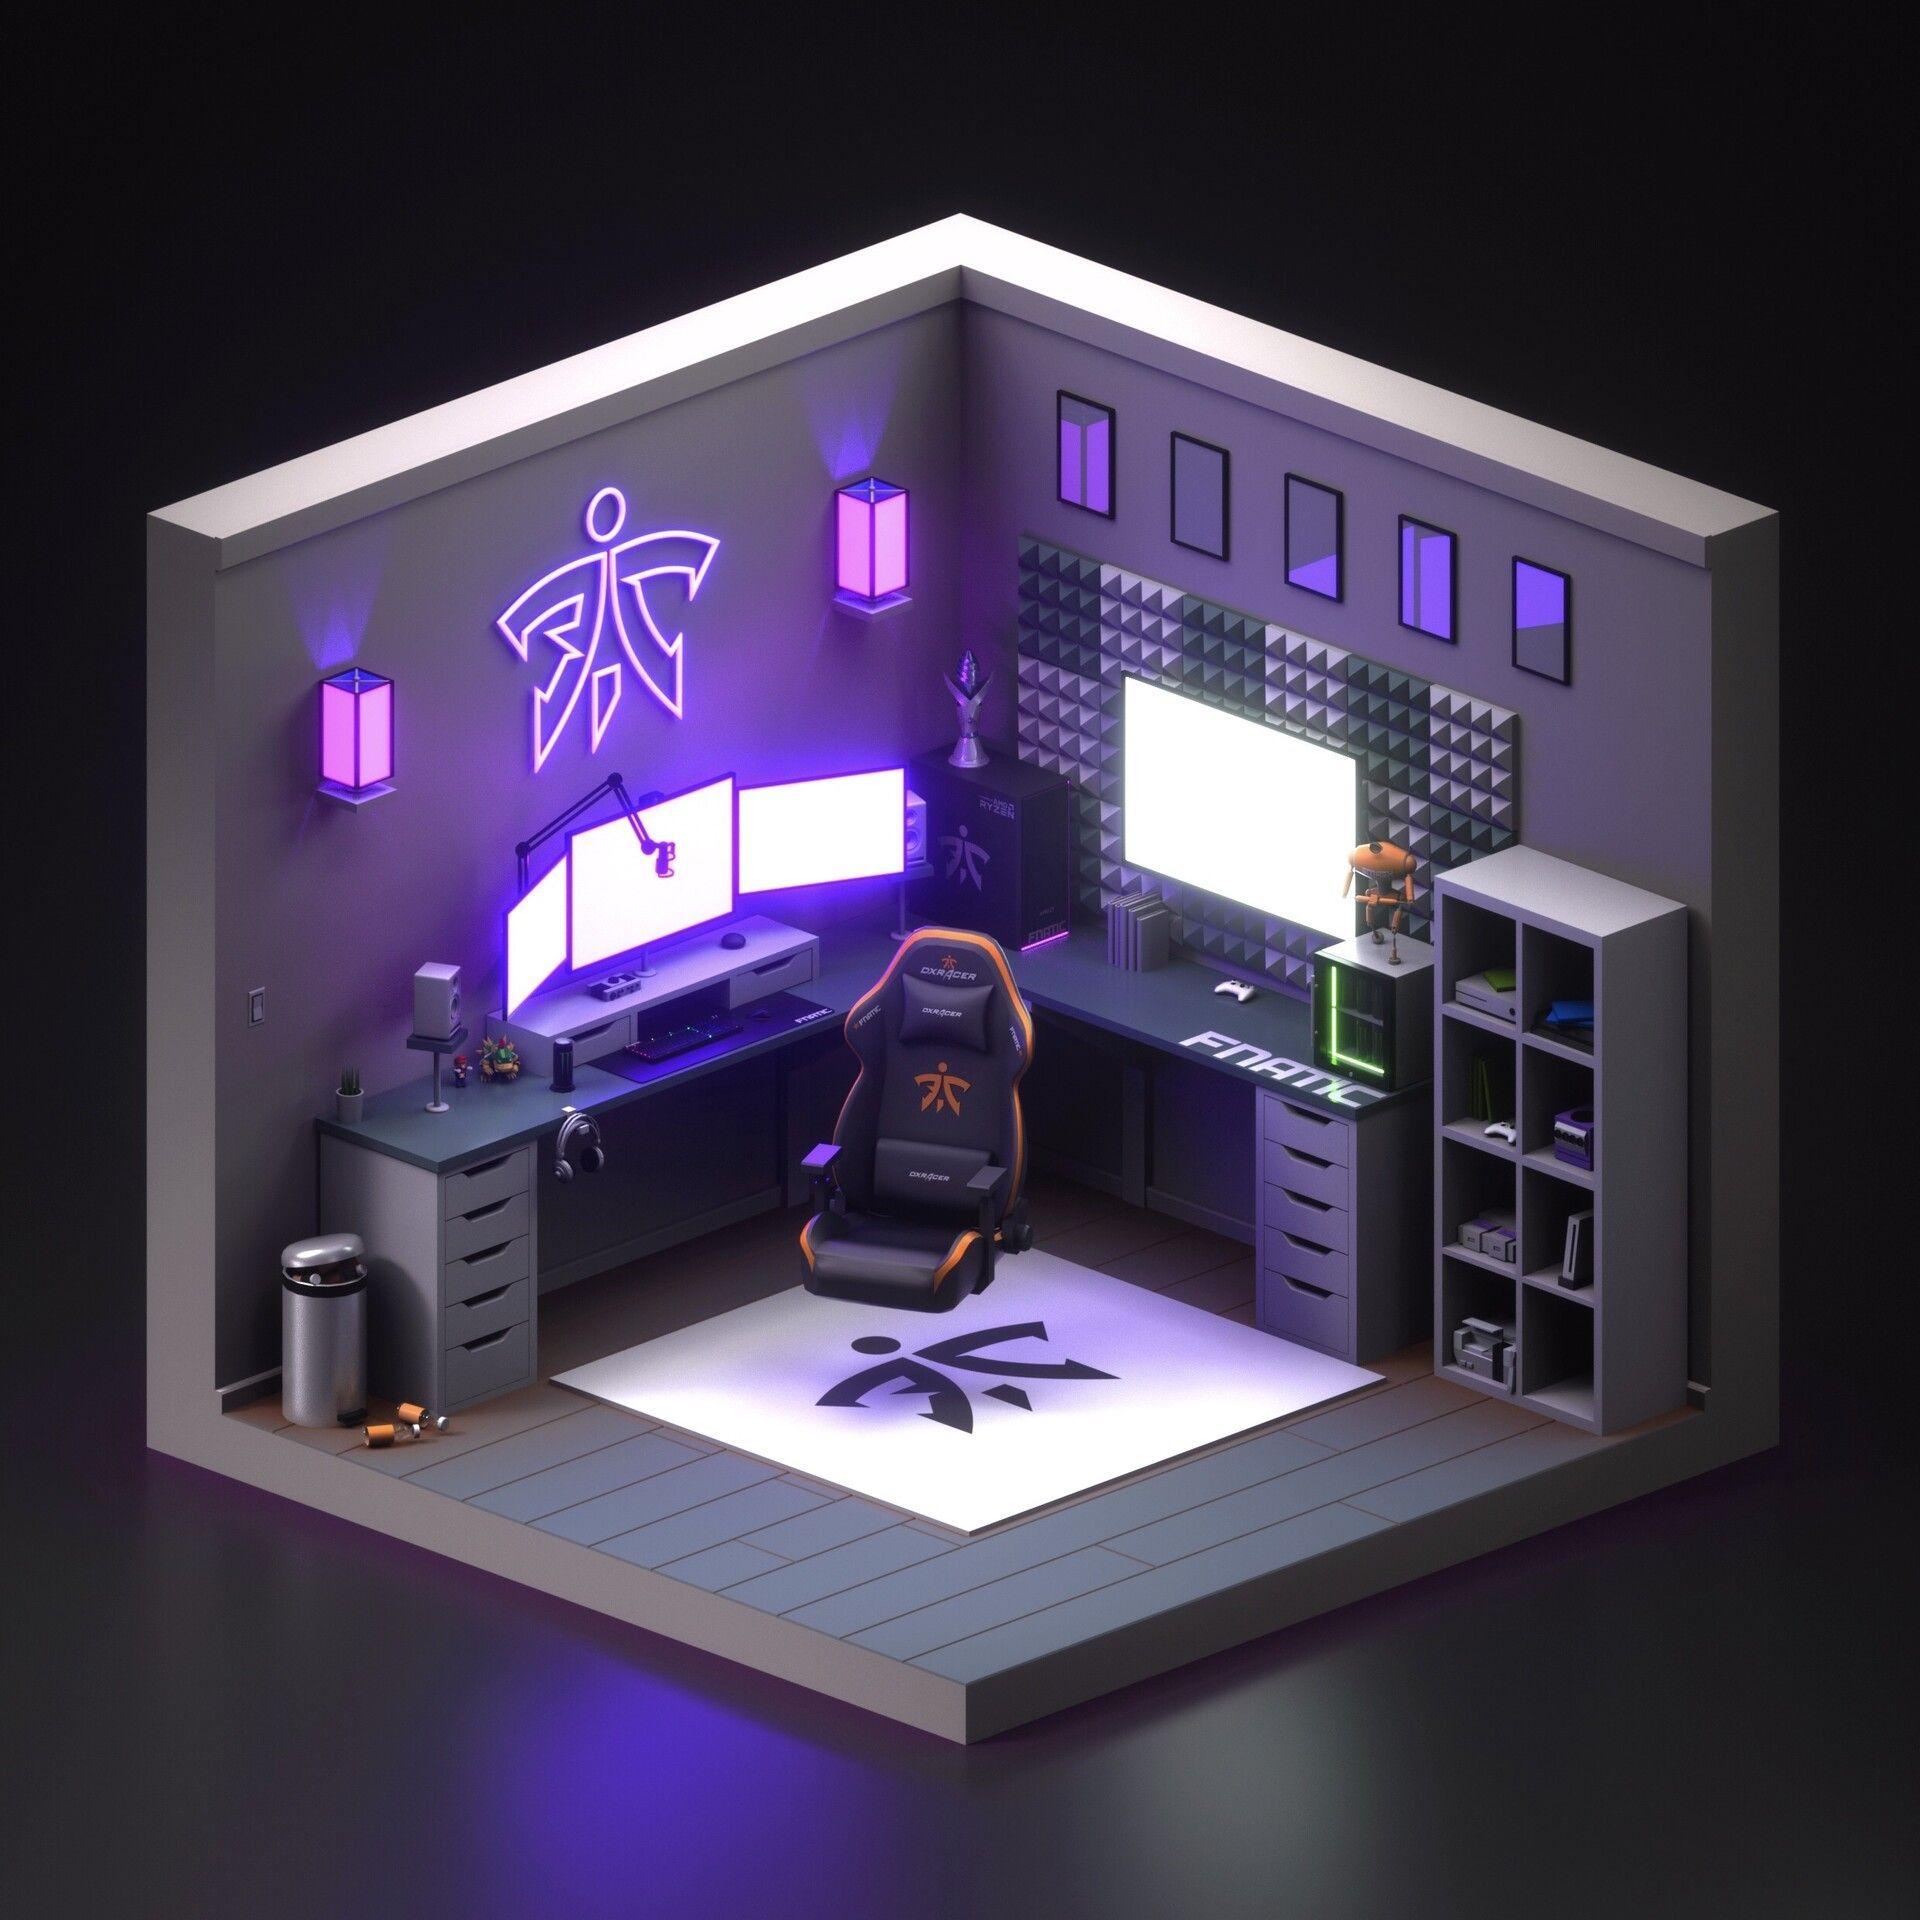 17 Amazing Video Gaming Setup Ideas Ikea Desk Hacks Decor Design De Sala De Jogo Ideias Para Sala De Jogos Salas De Videogame